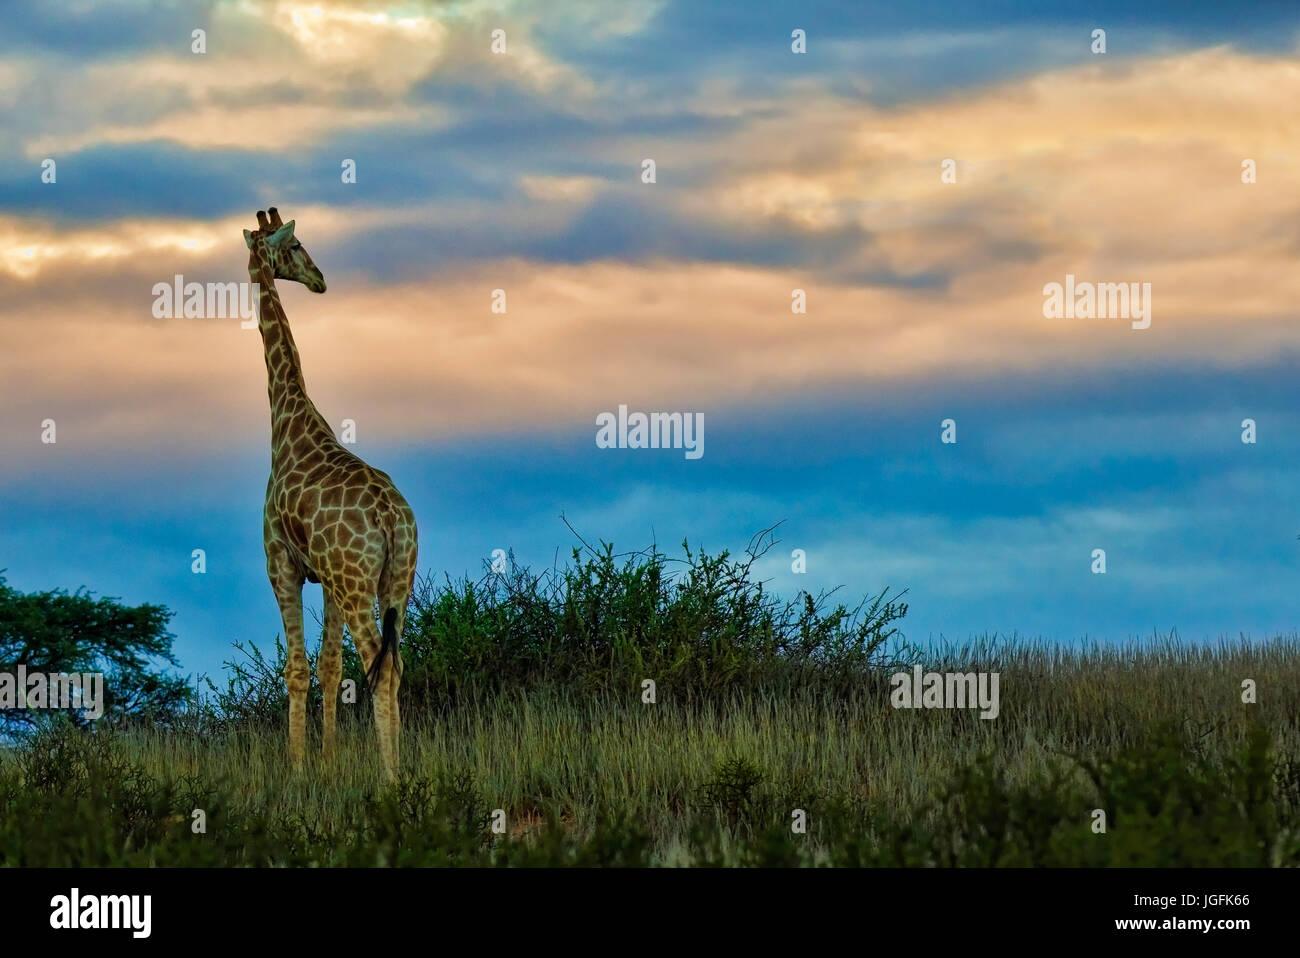 ,Giraffe Giraffa camelopardalis, est le plus haut et le plus grand des animaux ruminants. Vu ici au coucher du soleil Photo Stock